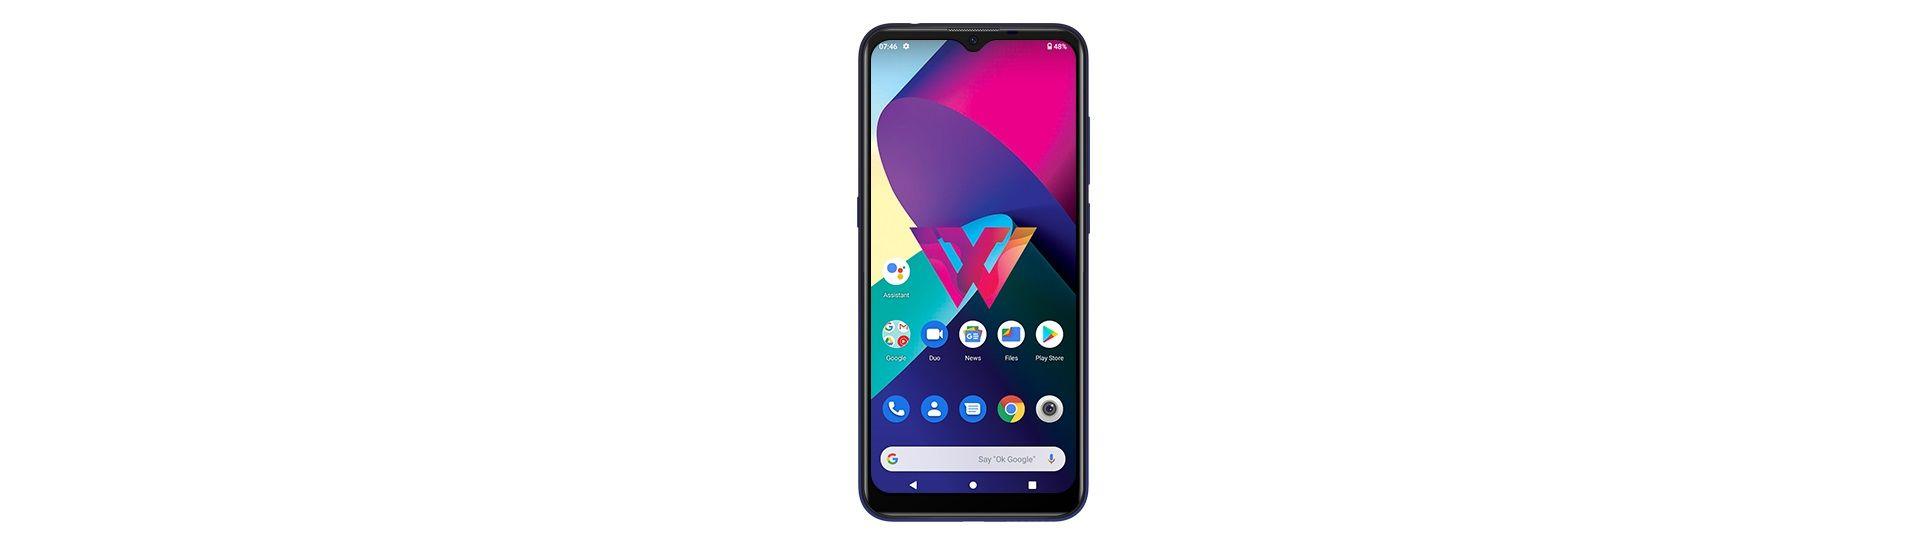 Celular LG W31 tem design e ficha técnica vazada; confira